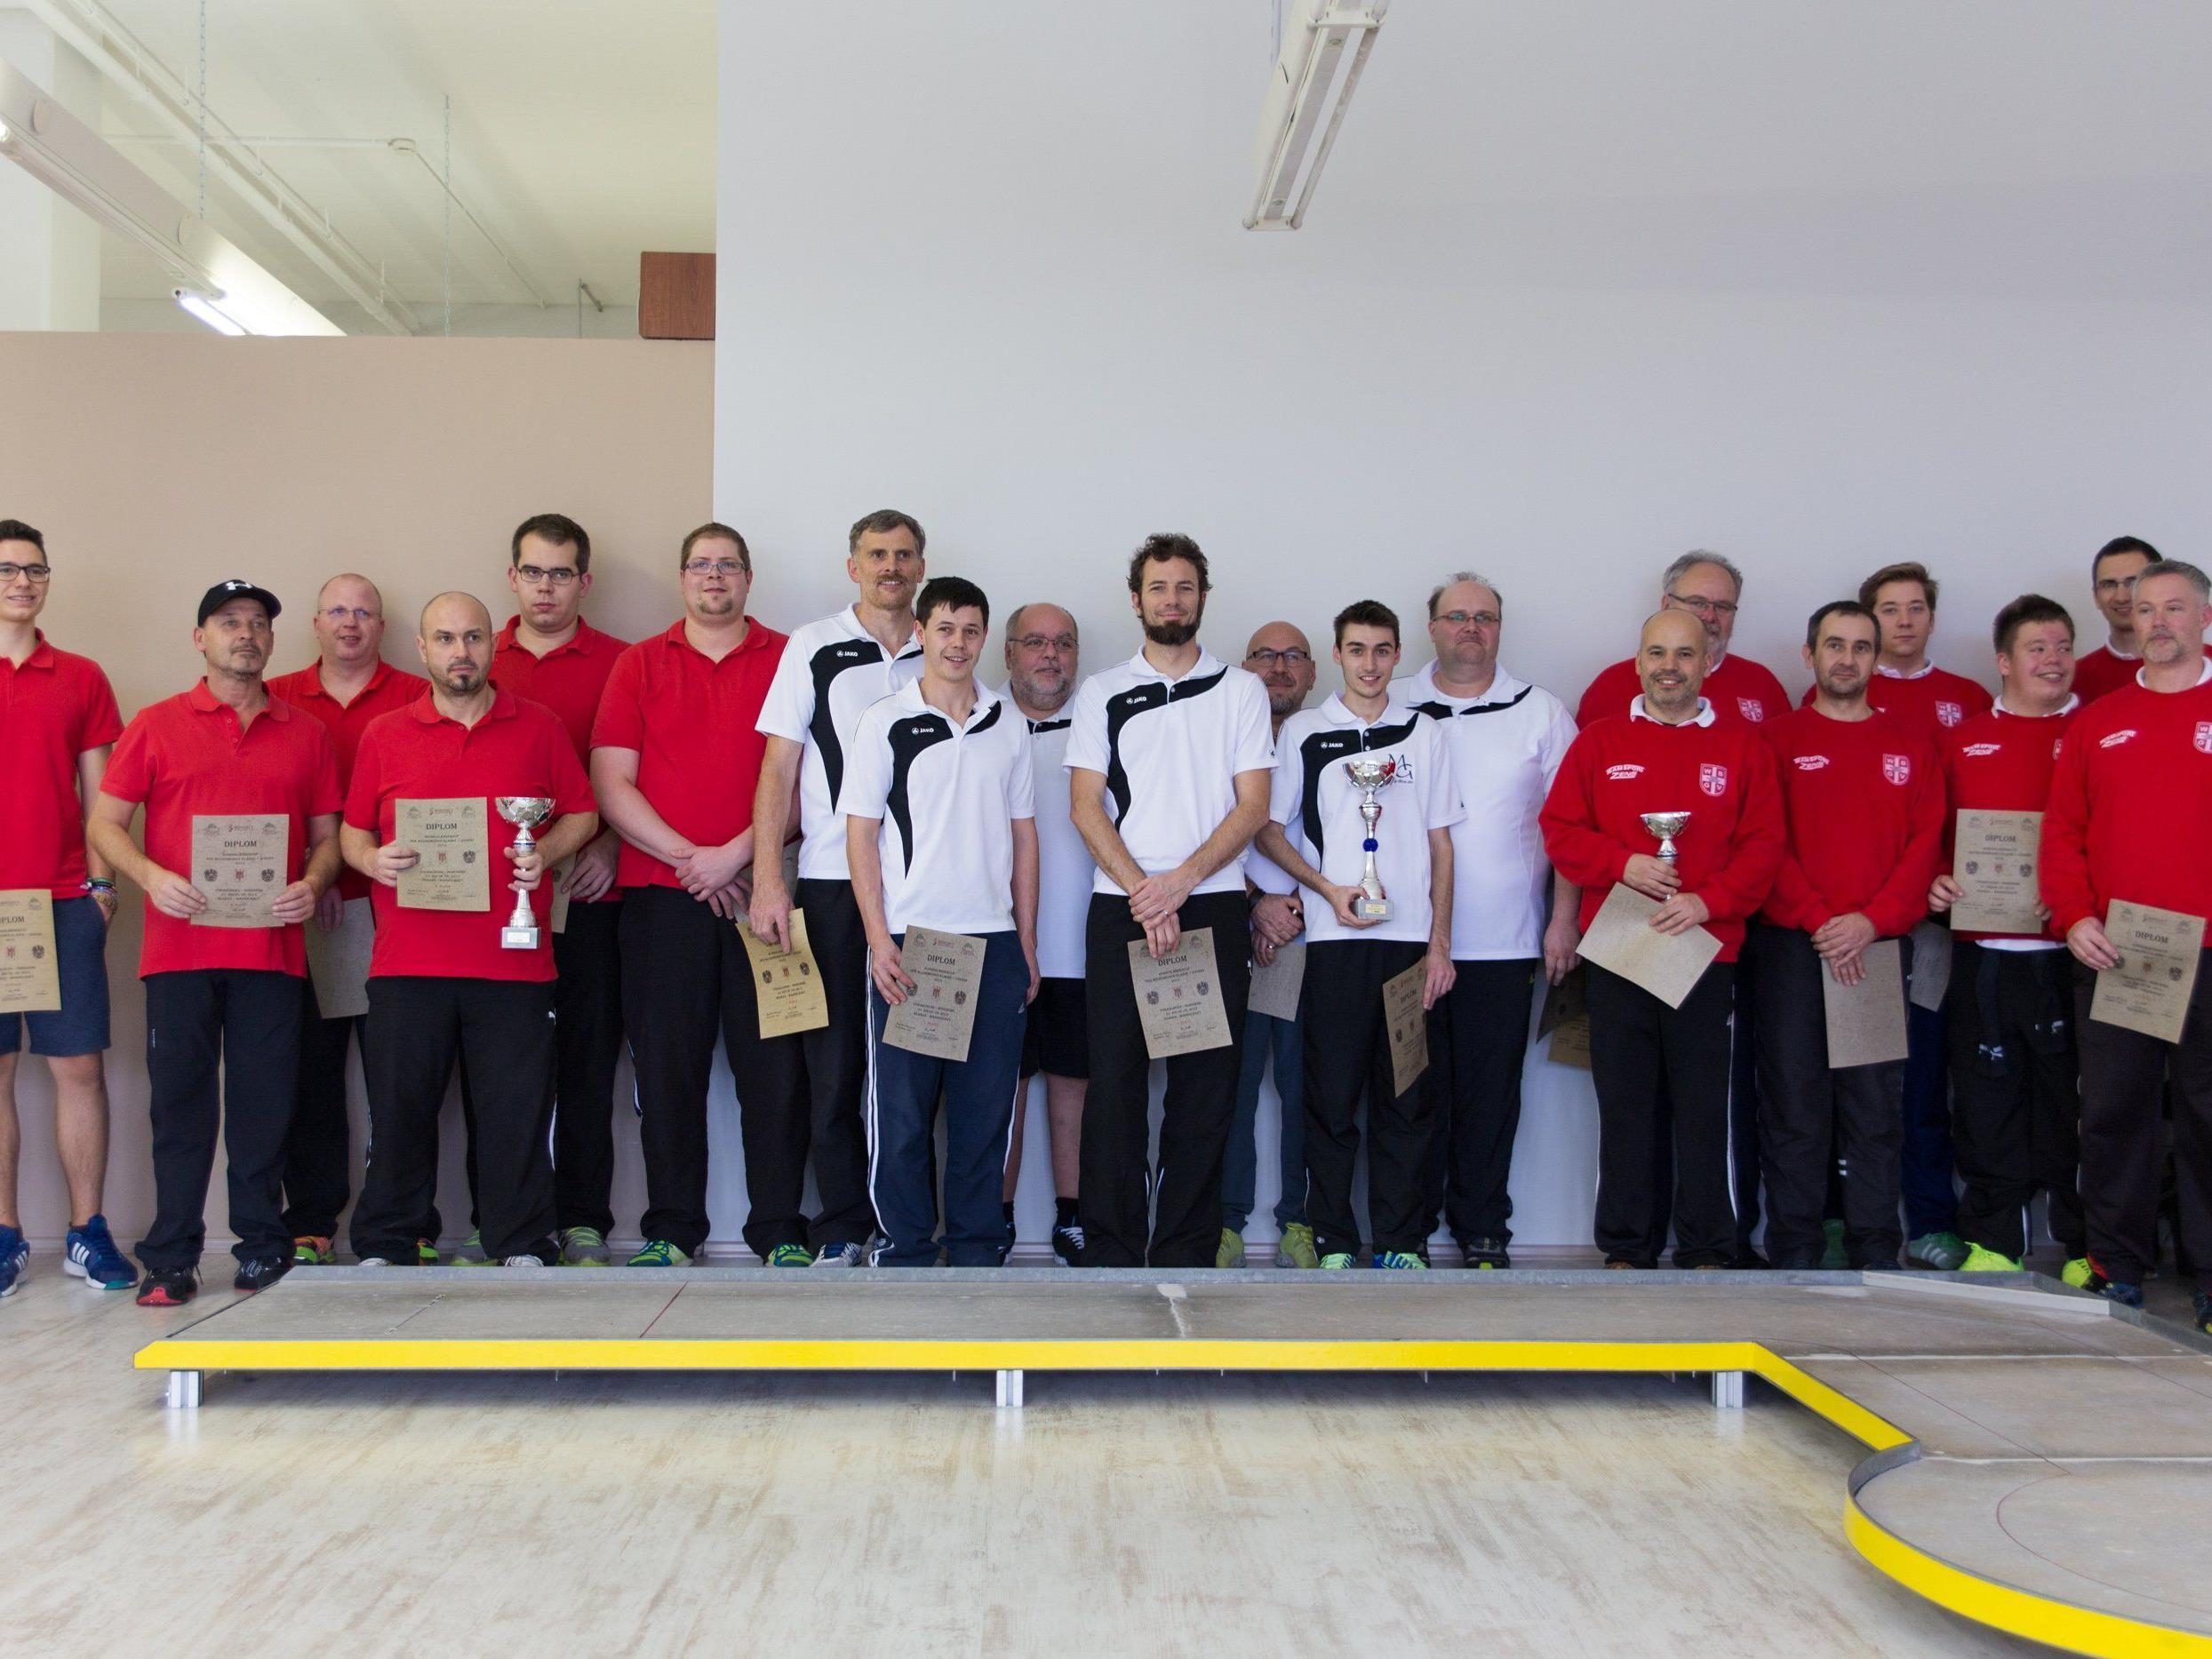 Die Herrenmannschaft beim Bundesländercup in Hohenems.